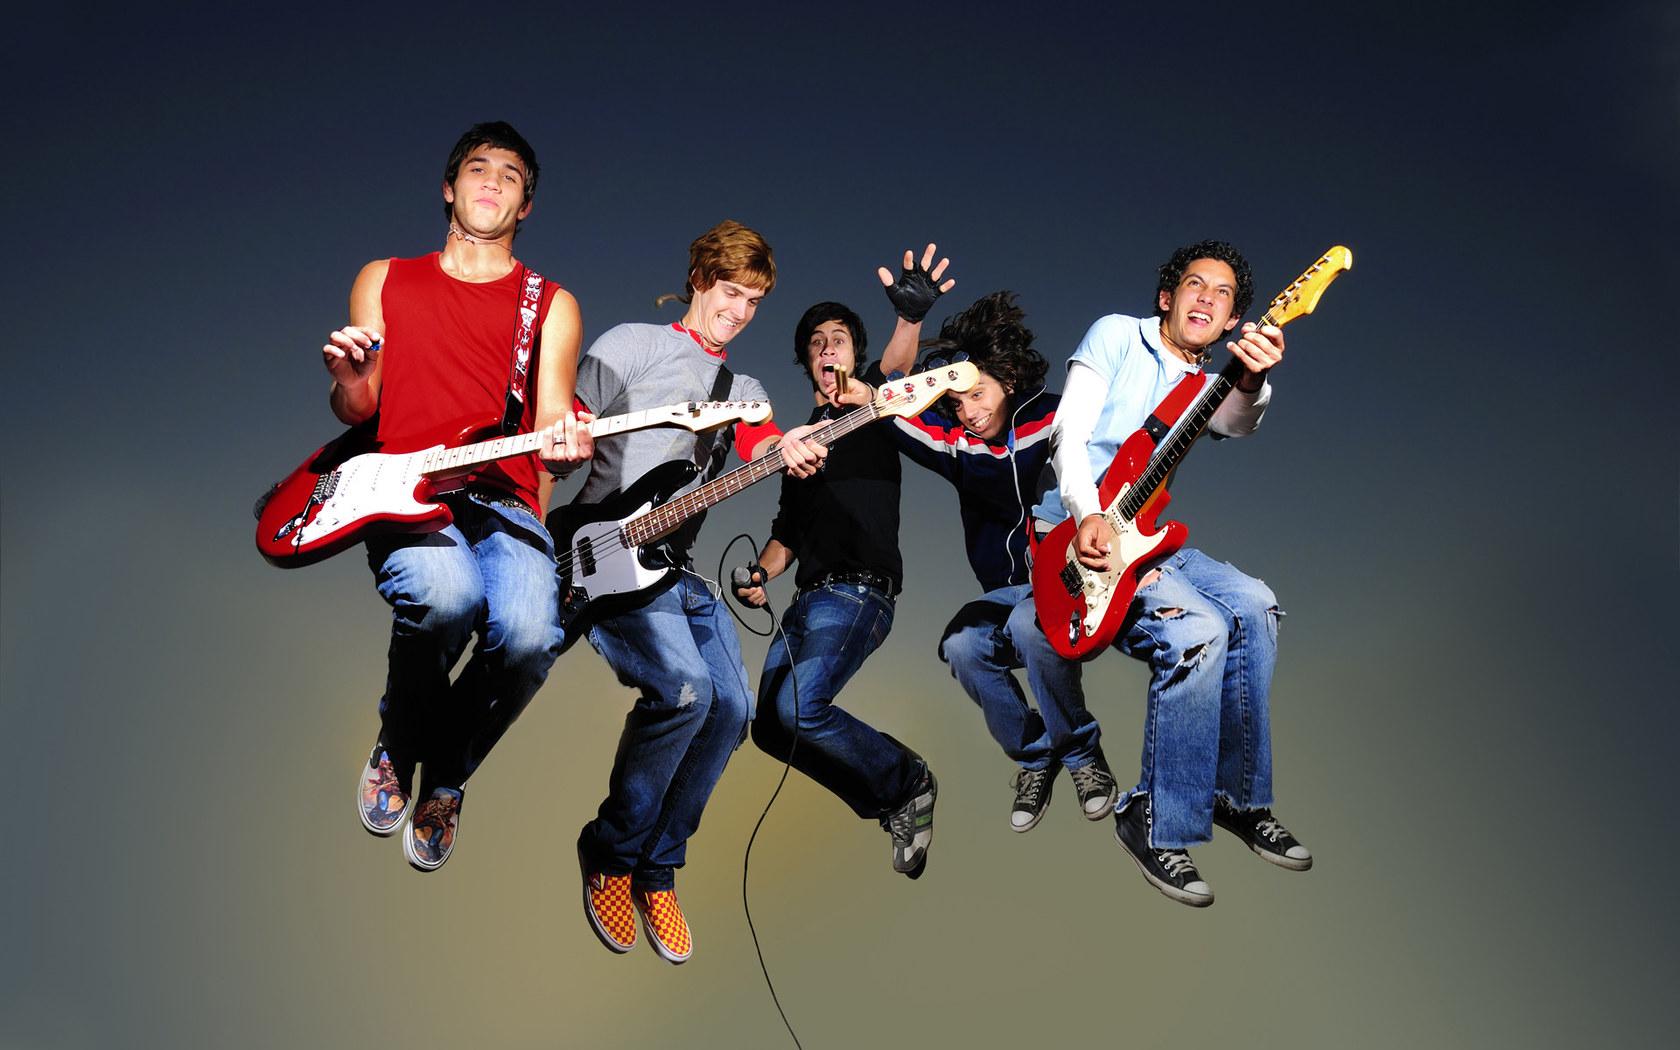 Rock Band Wallpapers  WallpaperSafari